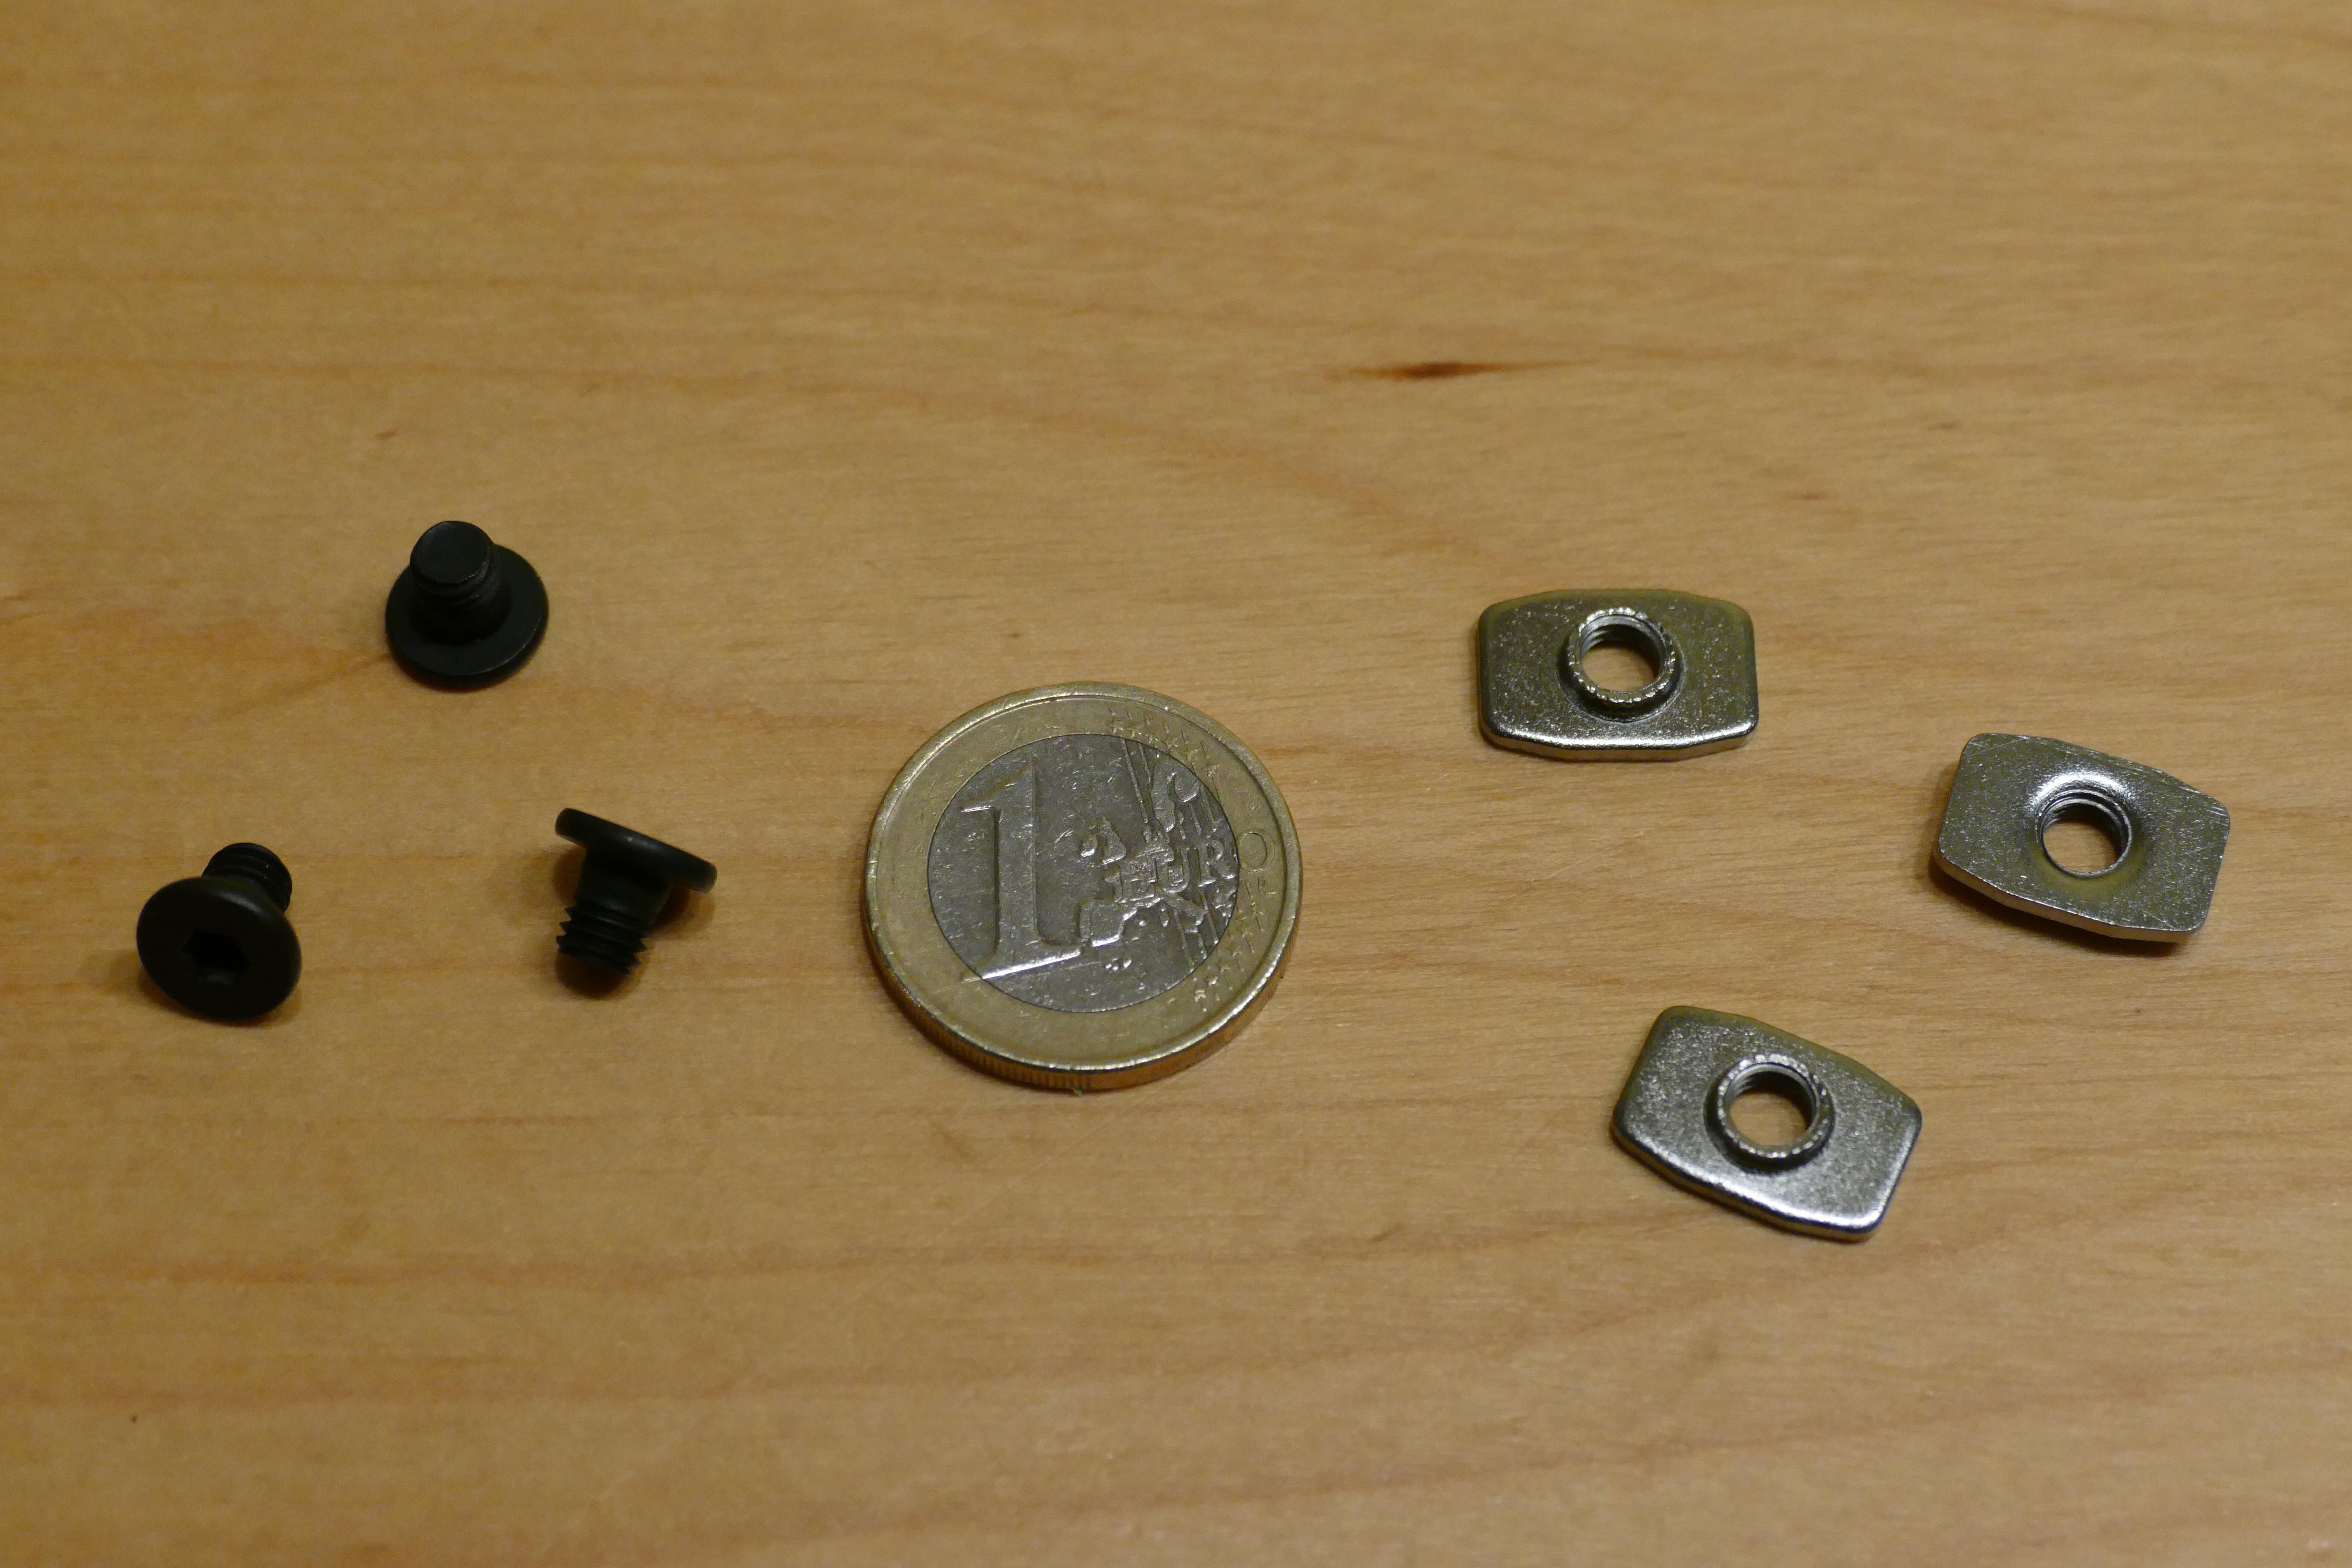 OpenBuilds Flachkopfschrauben und T-Nuten, M5x6mm, Mutter M5 (25er Pack)